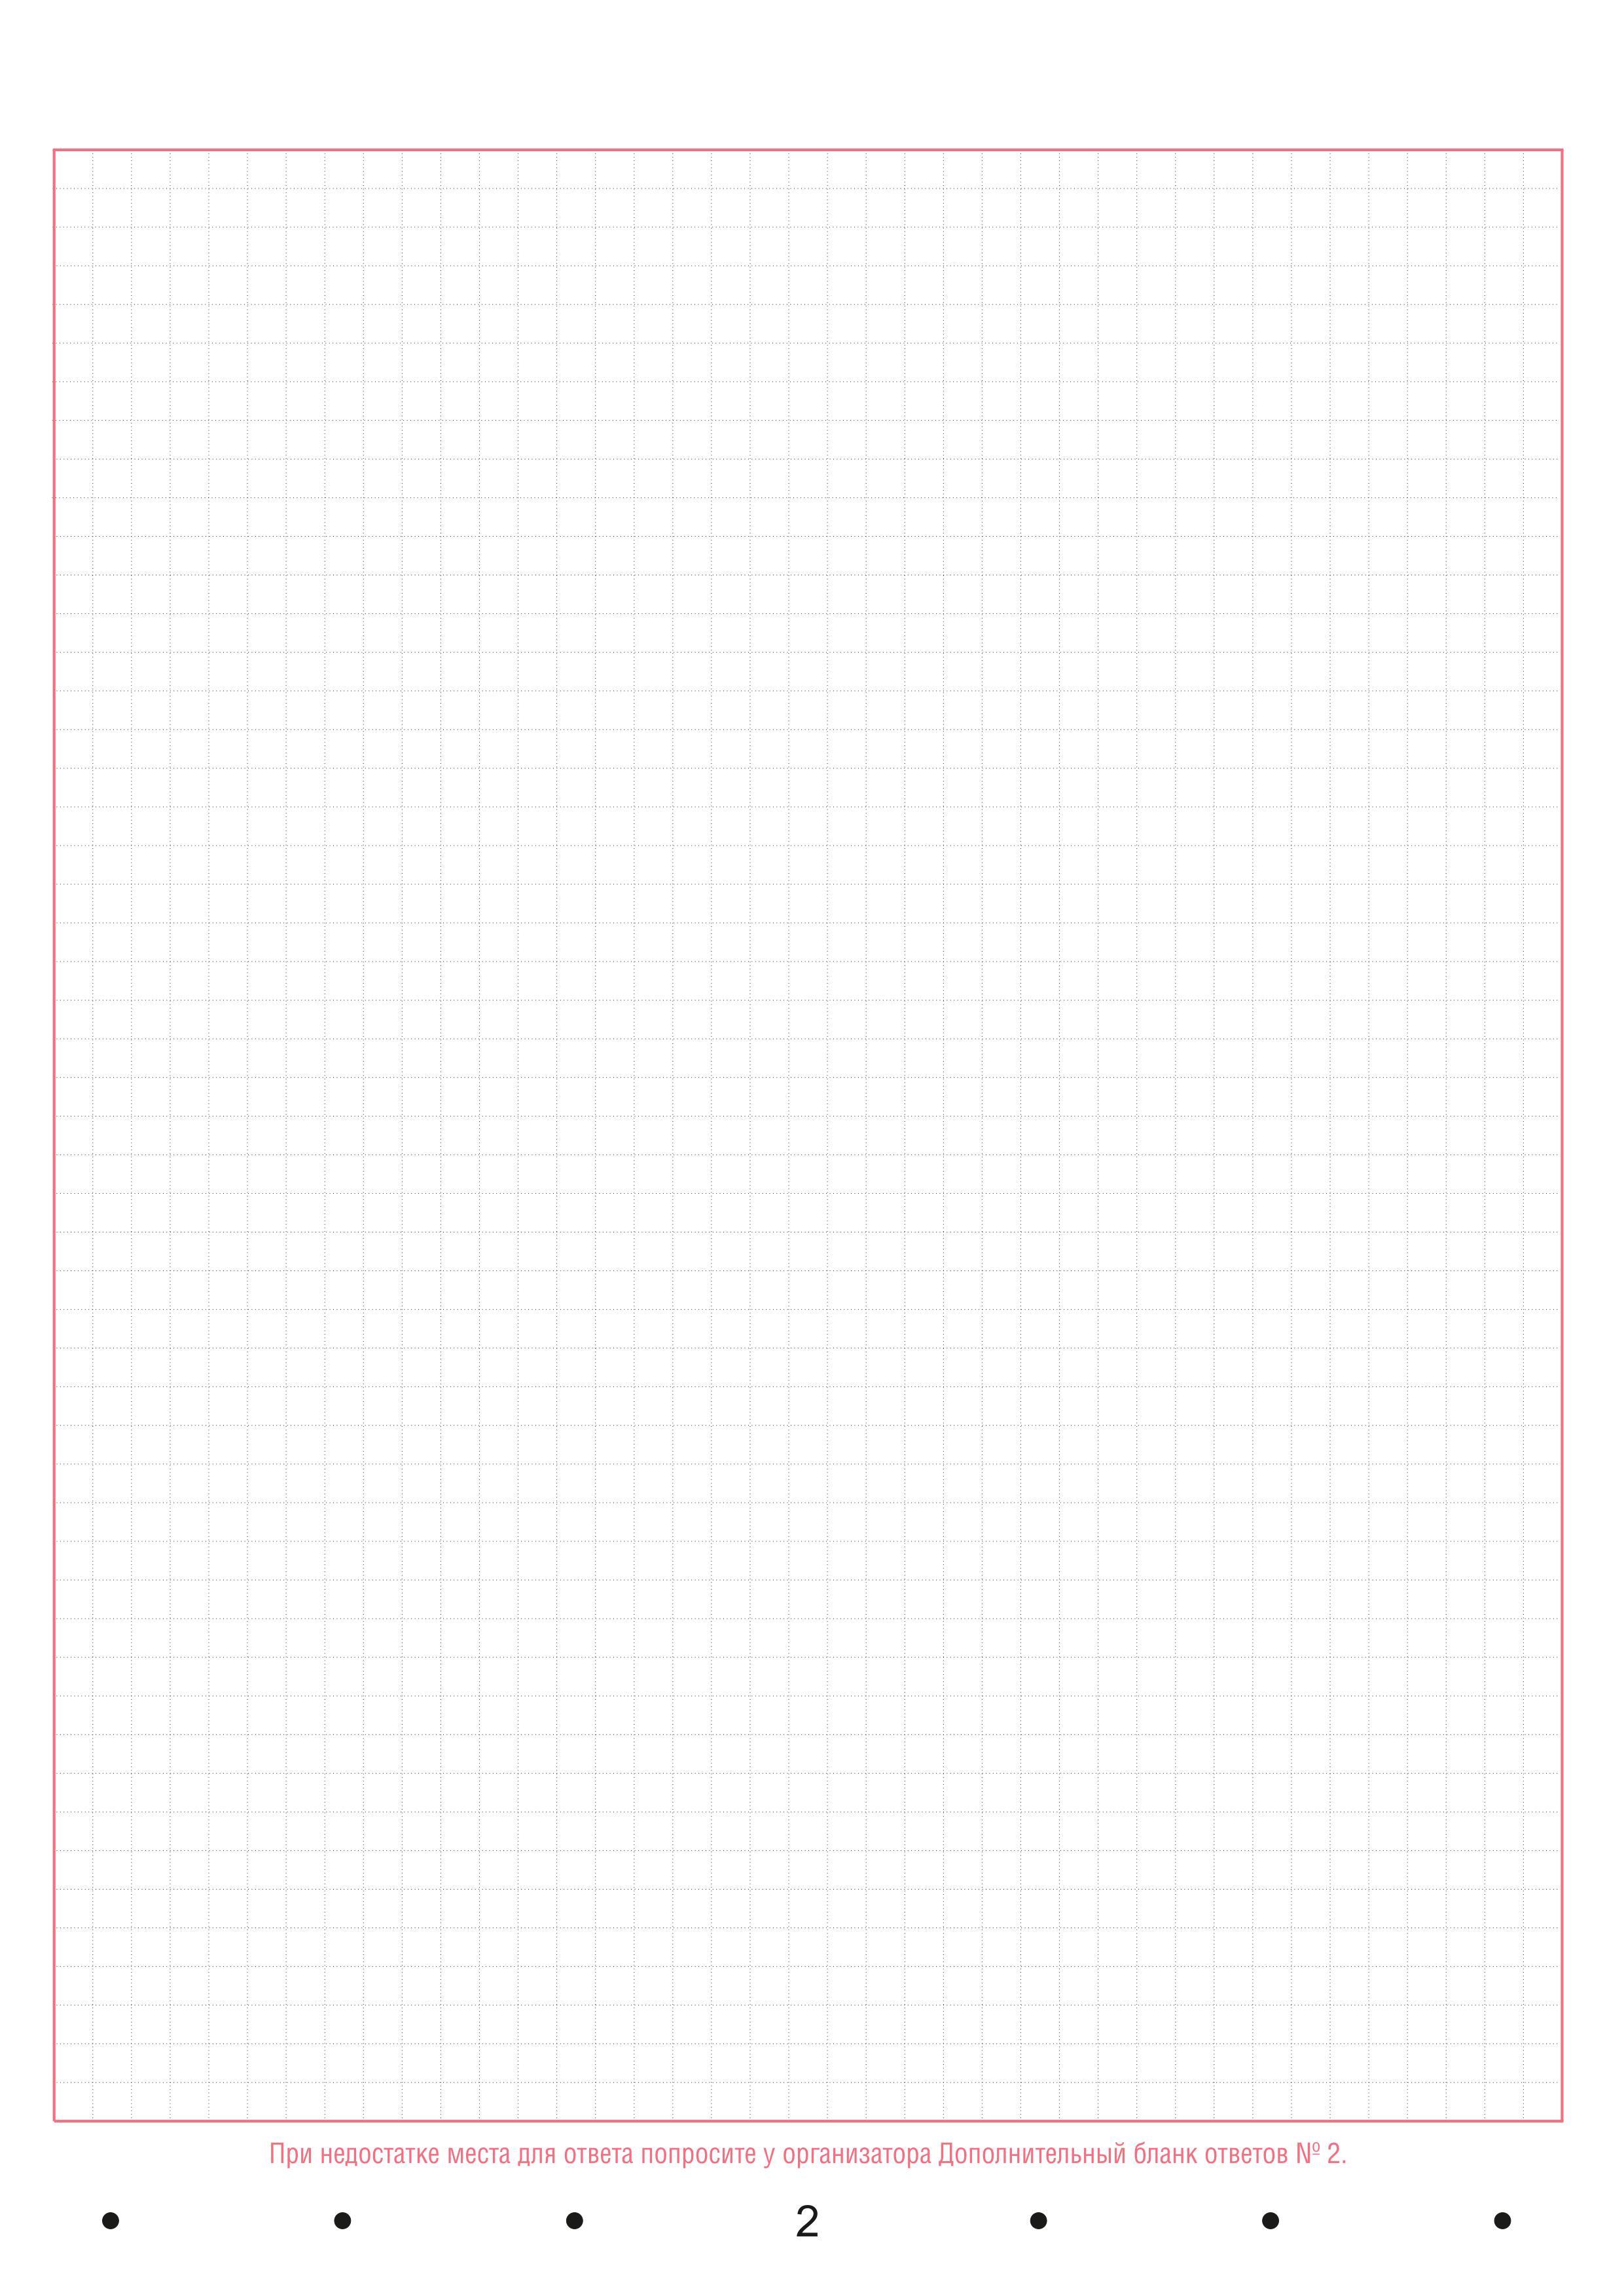 dop-blank2_2.jpg